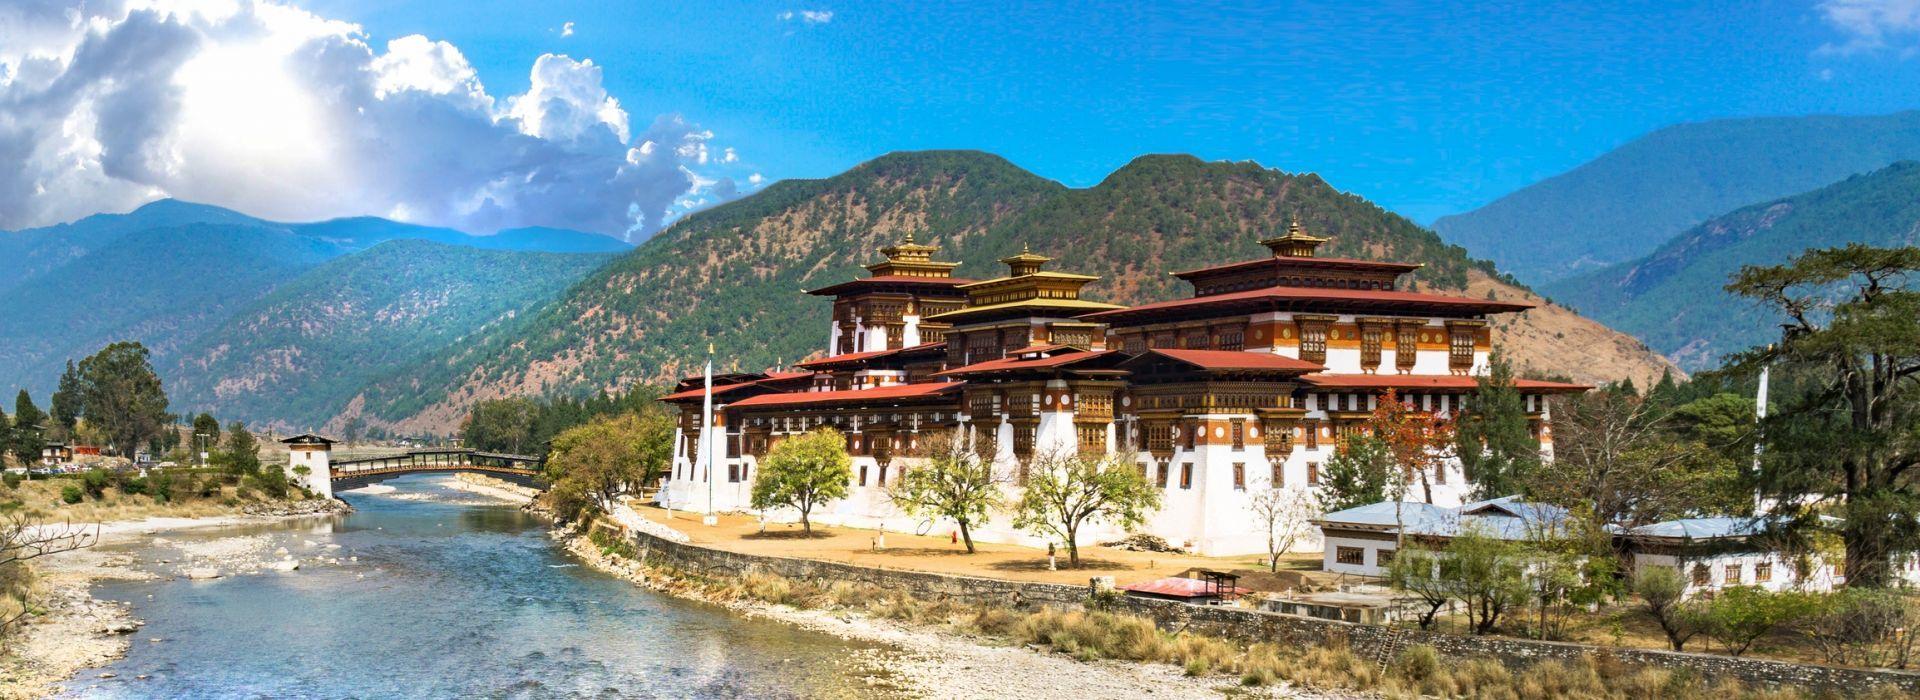 Wildlife Tours in Bhutan